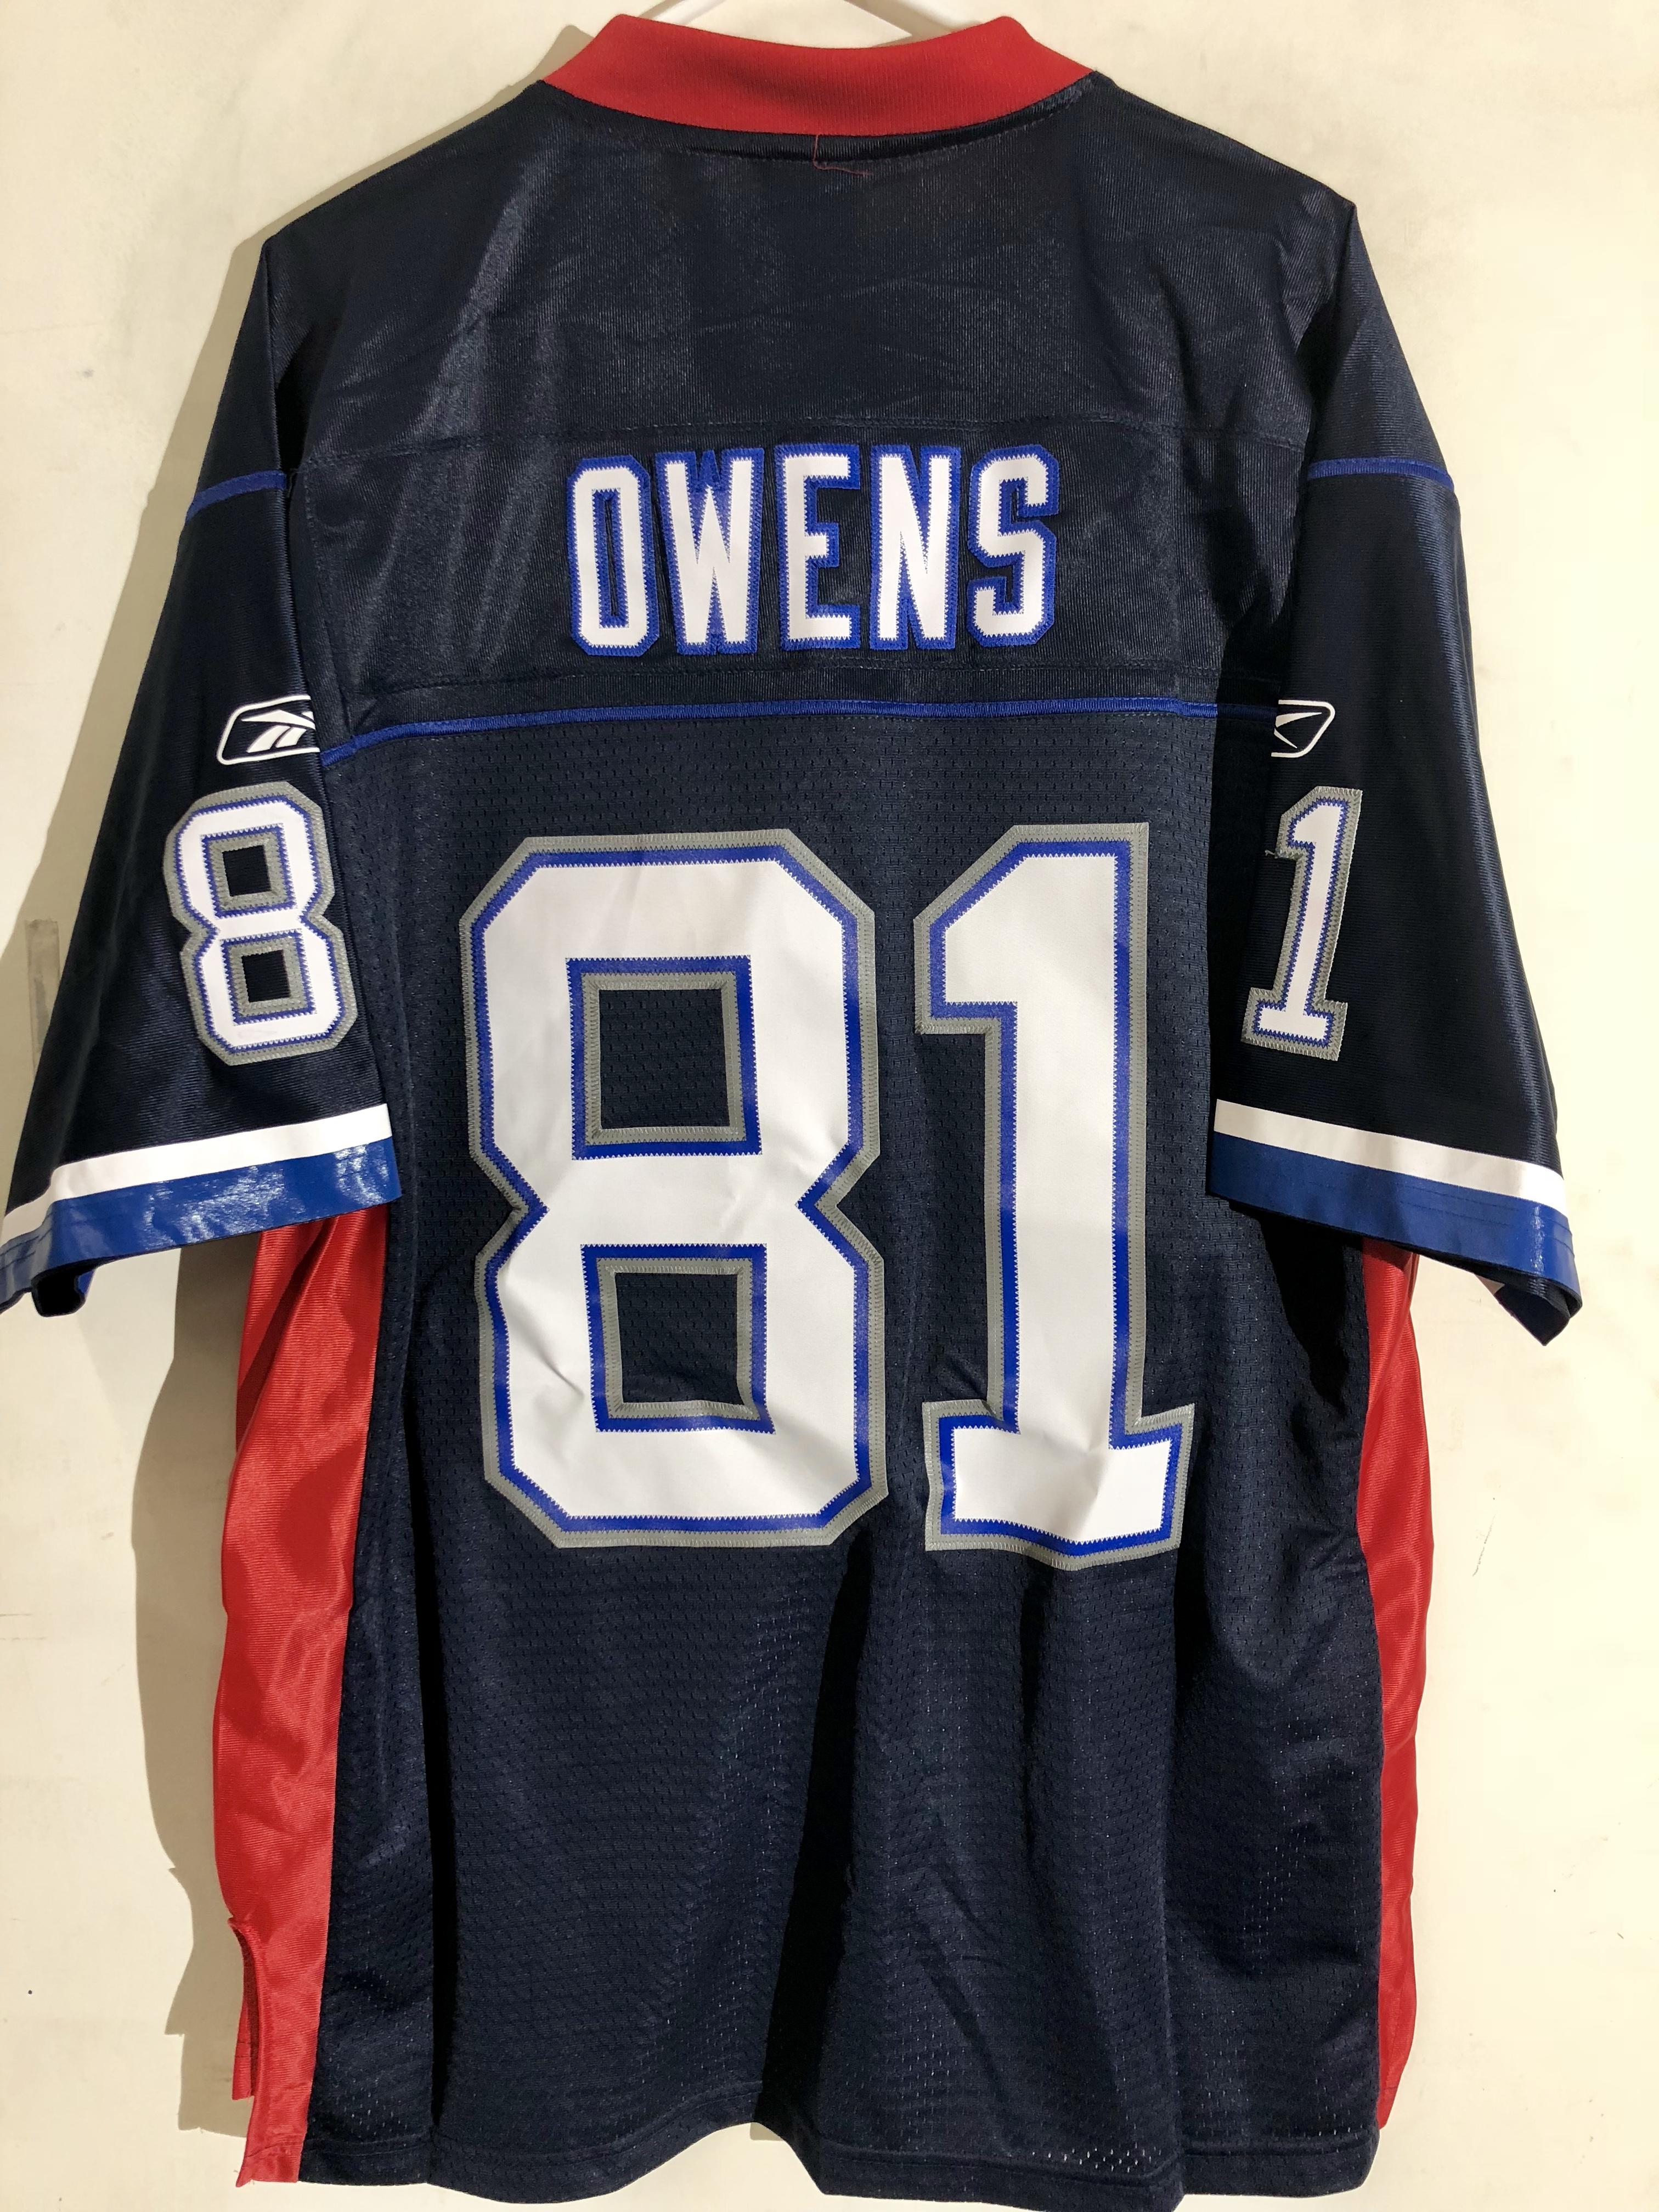 official photos a416a 7f378 Details about Reebok Premier NFL Jersey Buffalo Bills Terrell Owens Navy sz  S